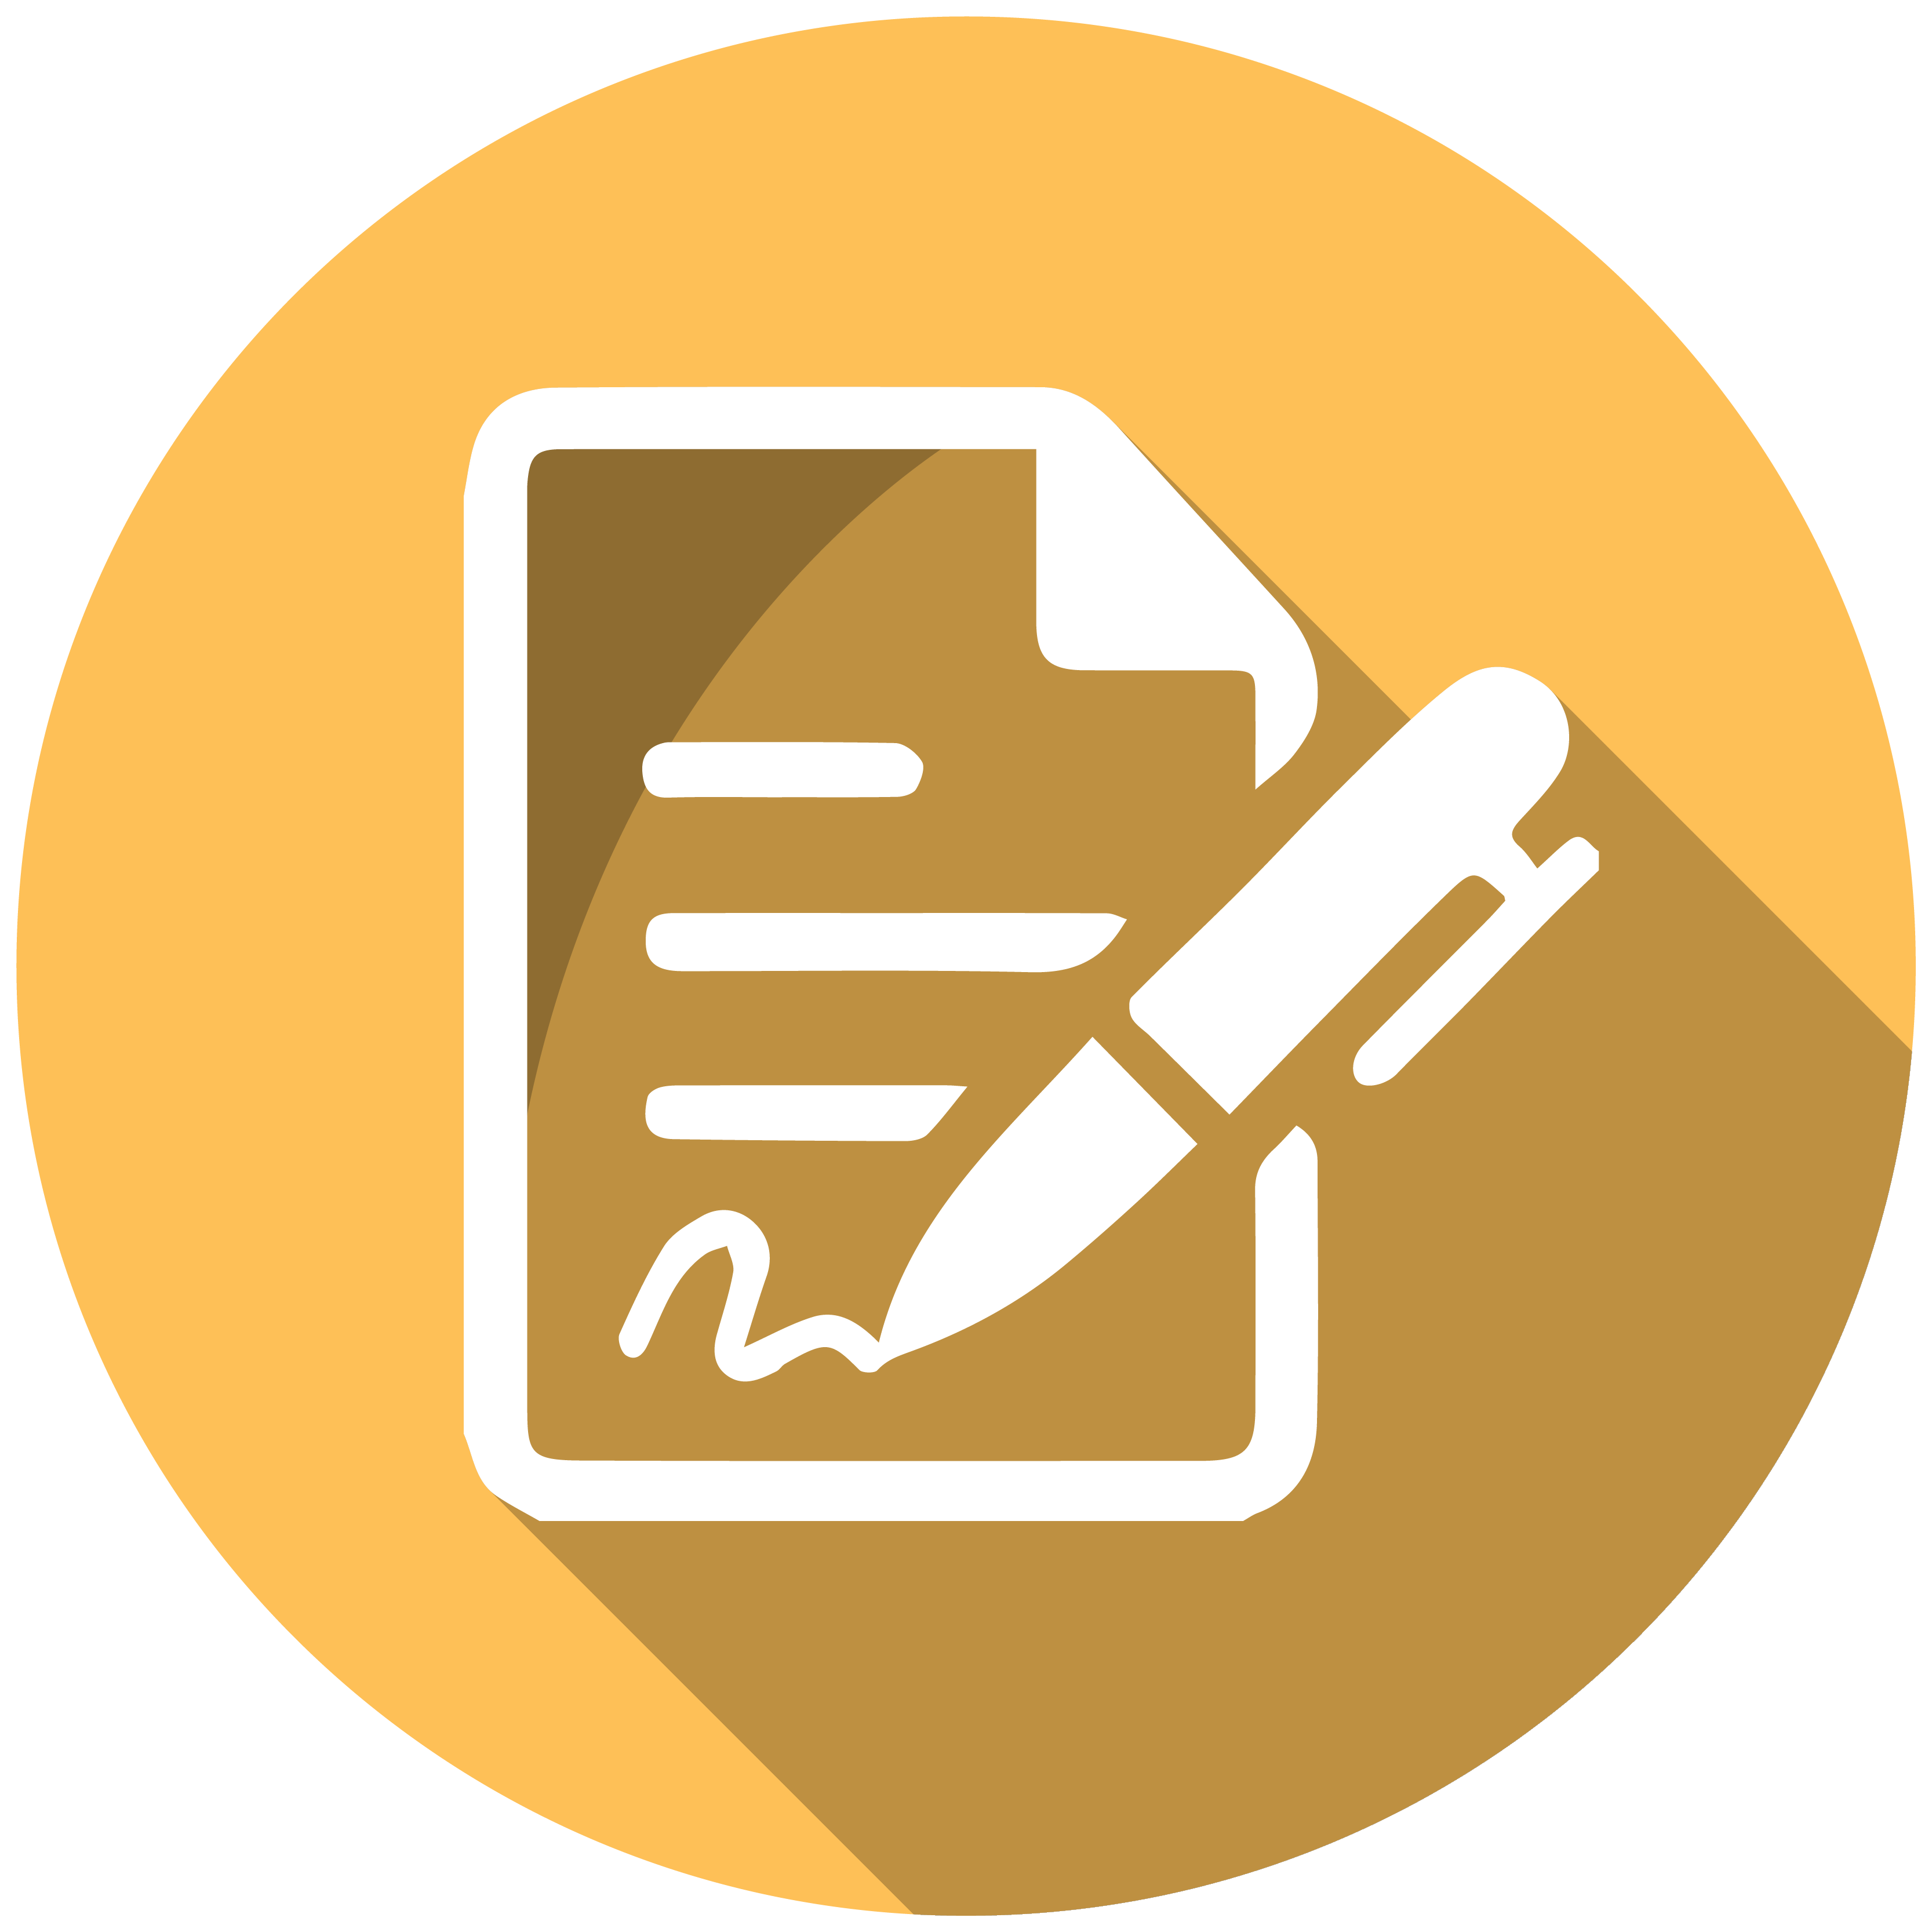 دریافت فایل ترجمه سه مقاله درباره  پایداری و انتقال رژیمهای سیاسی در کشورهای جنوب - پرداخت و دانلود آنی